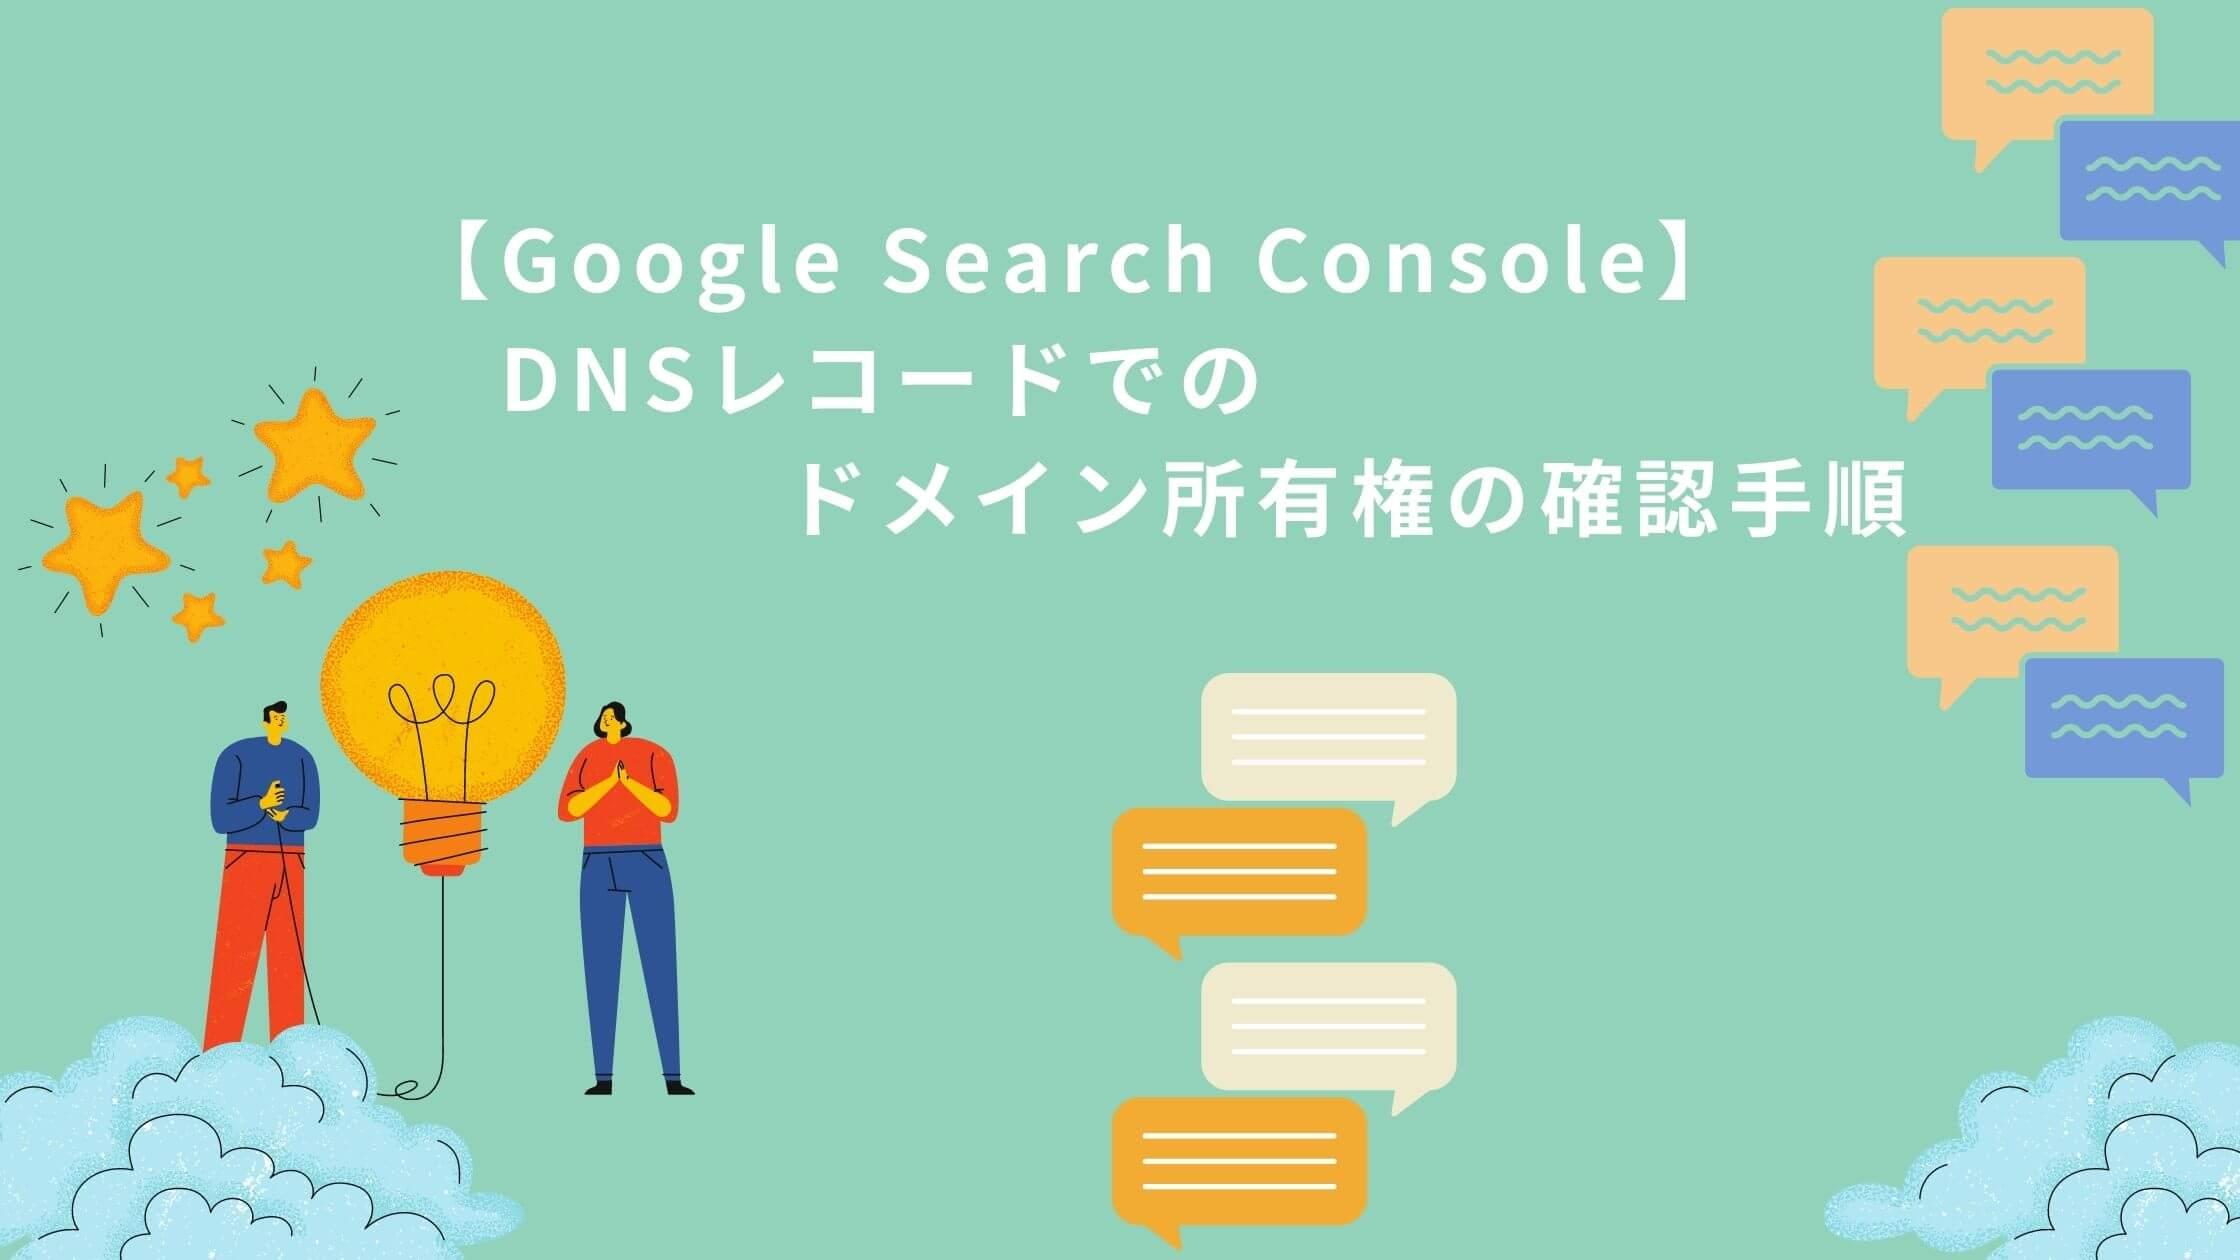 【Search Console(サチコ)】DNSレコードでのドメイン所有権の確認手順を解説